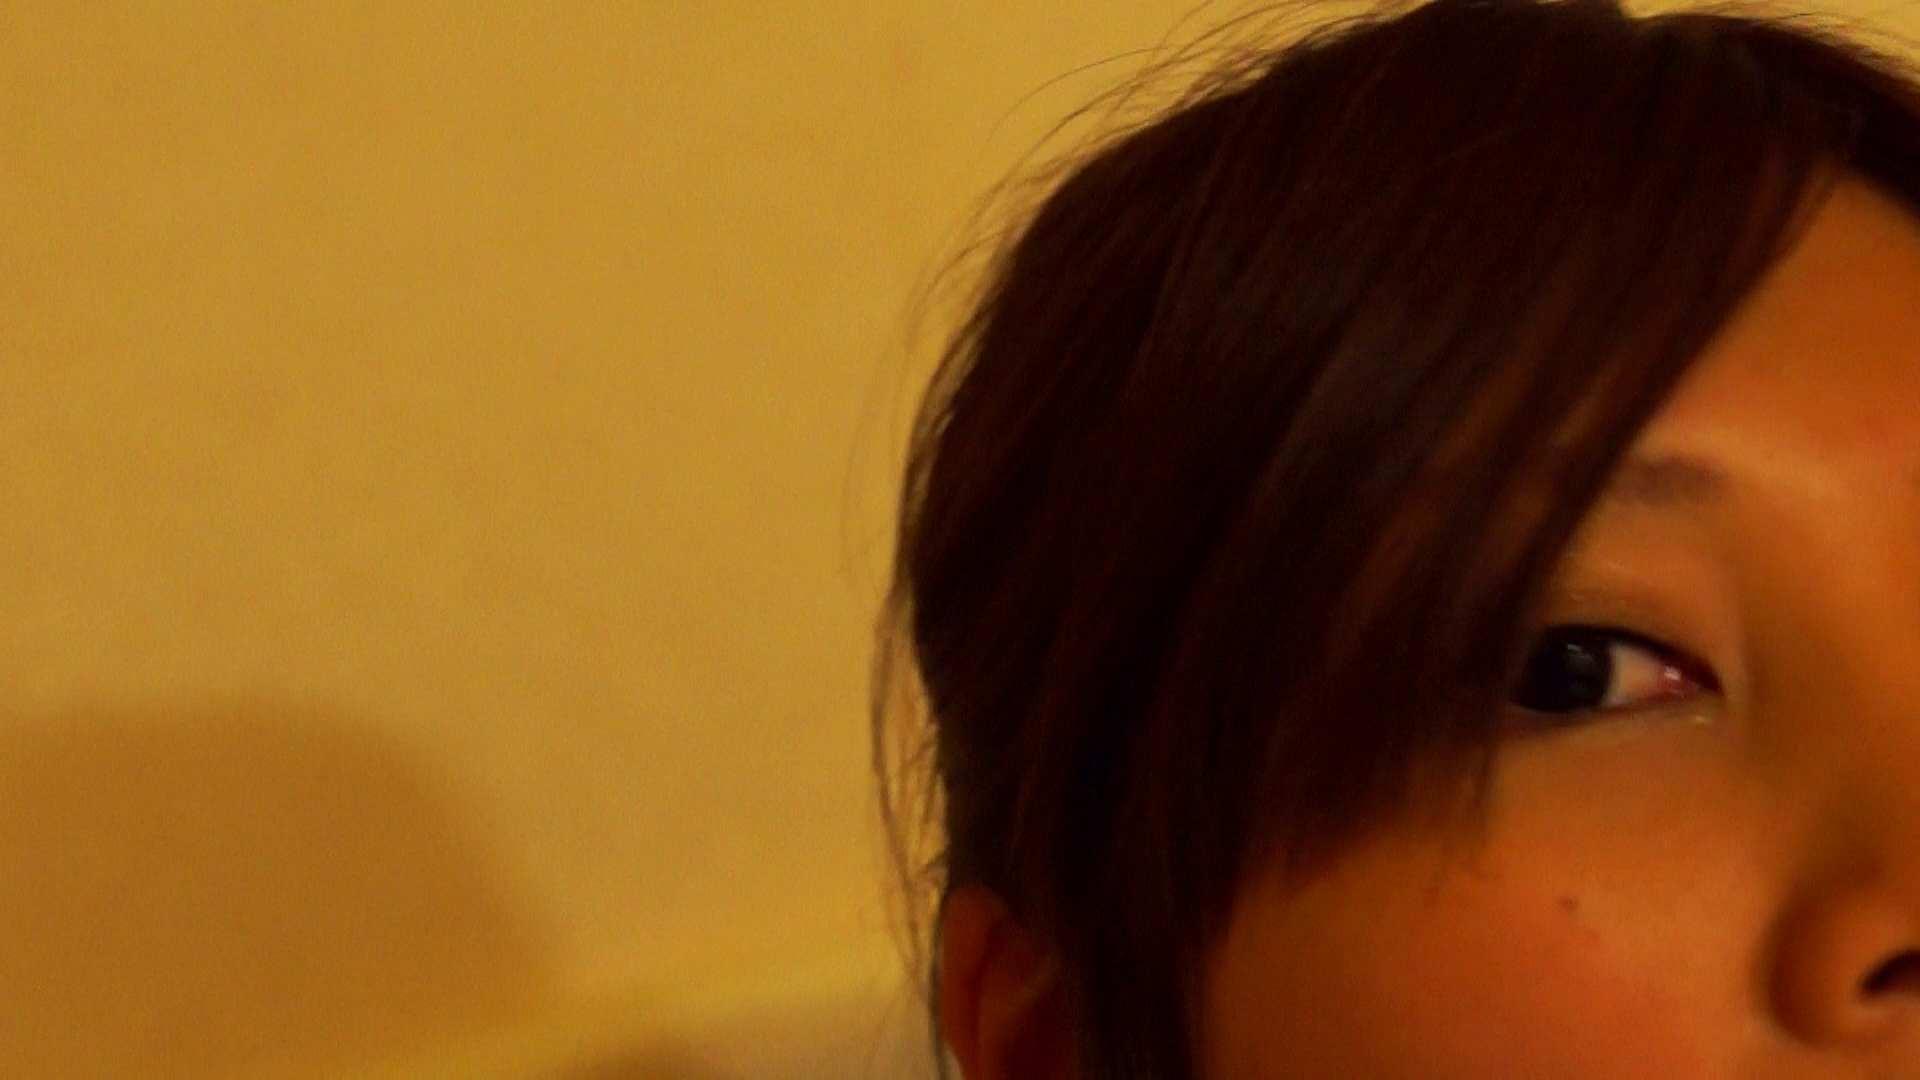 vol.13 瑞希ちゃんにバナナを舐めてもらいました。 OLヌード天国  81PIX 76